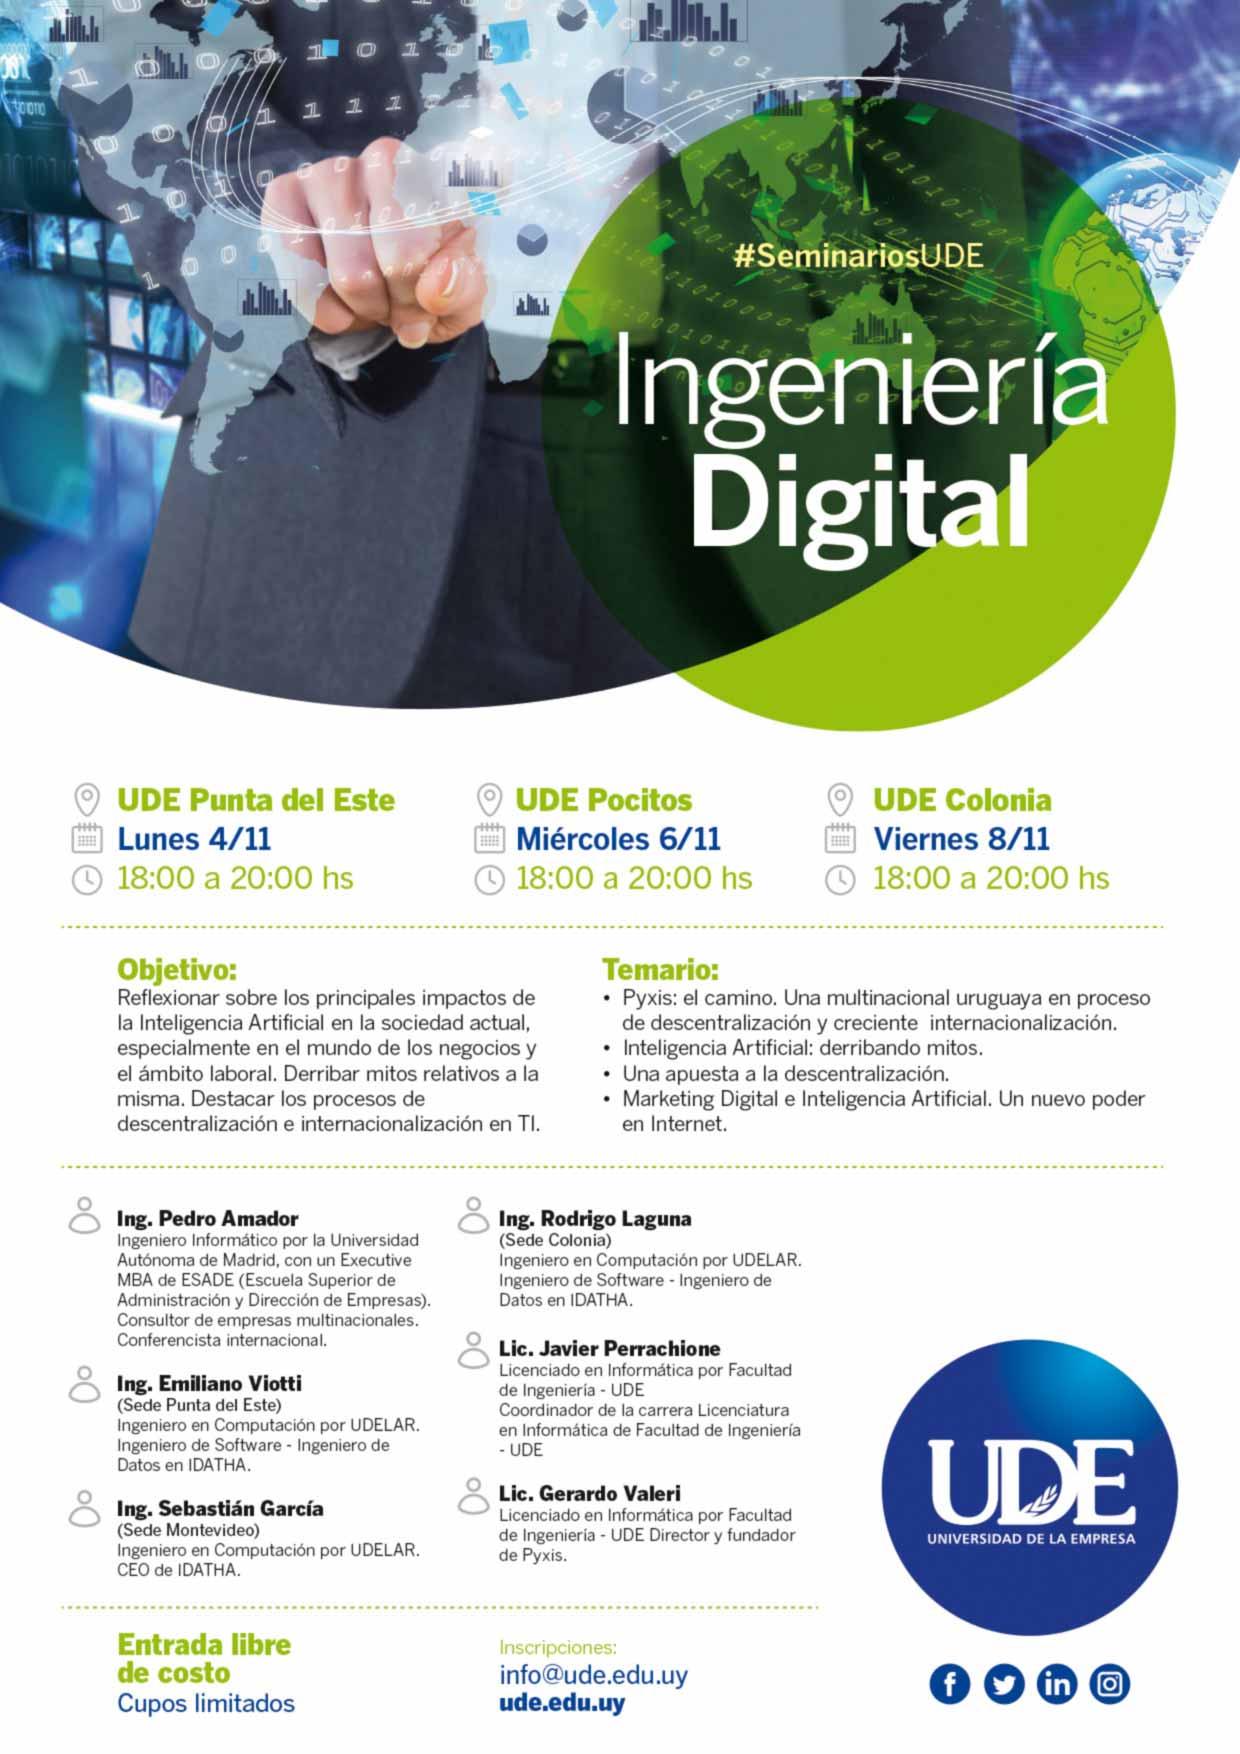 Marketing Digital Univesidad de la Empresa Uruguay